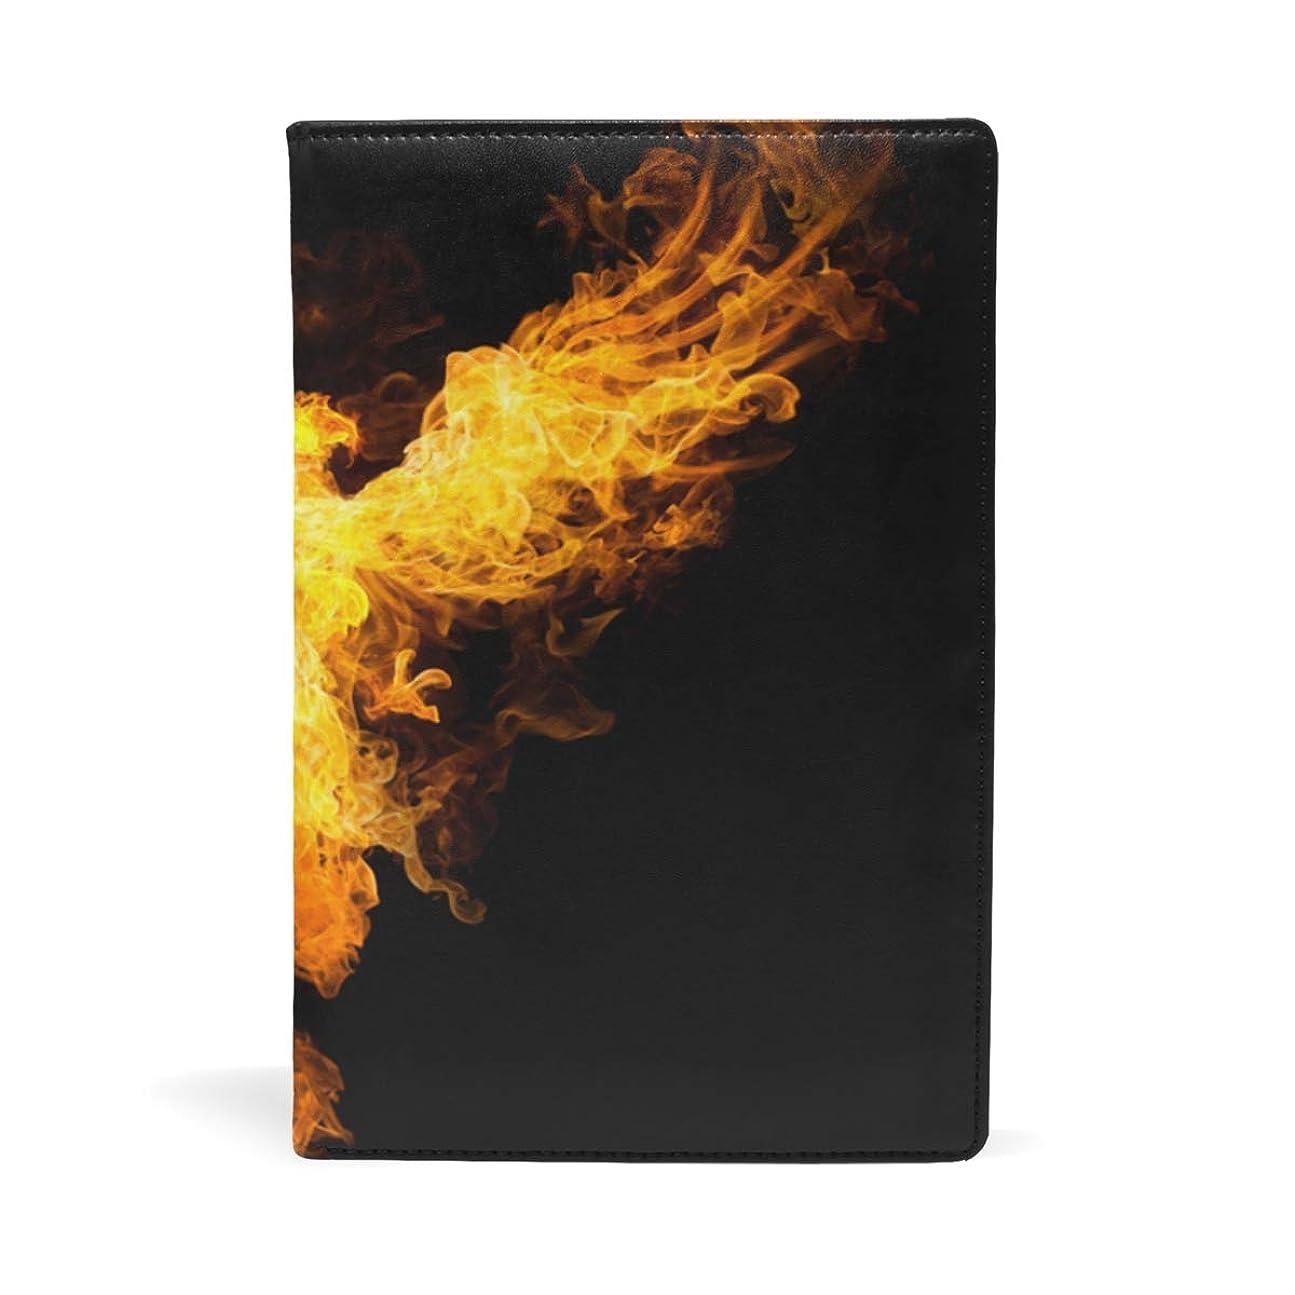 デコレーションラフじゃない暗闇の中で炎のワシ ブックカバー 文庫 a5 皮革 おしゃれ 文庫本カバー 資料 収納入れ オフィス用品 読書 雑貨 プレゼント耐久性に優れ